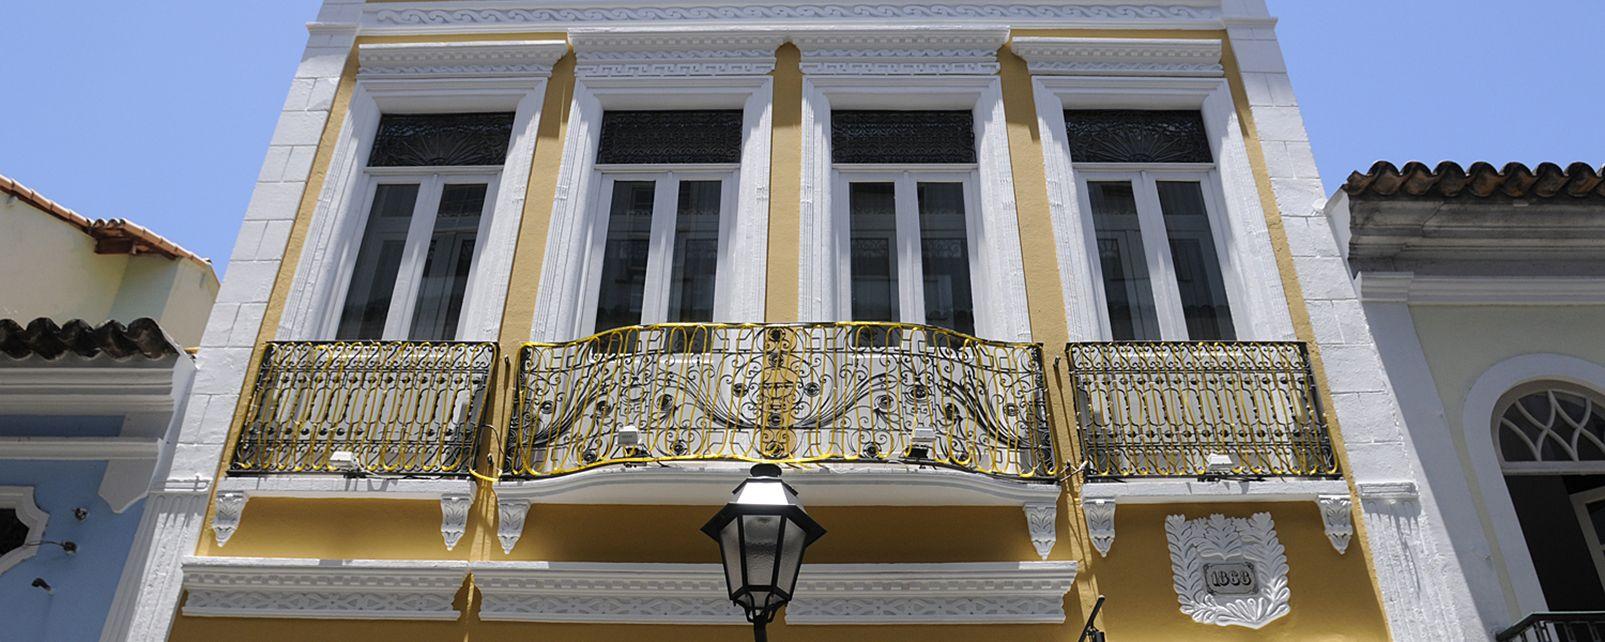 Hôtel Casa do Amarelindo